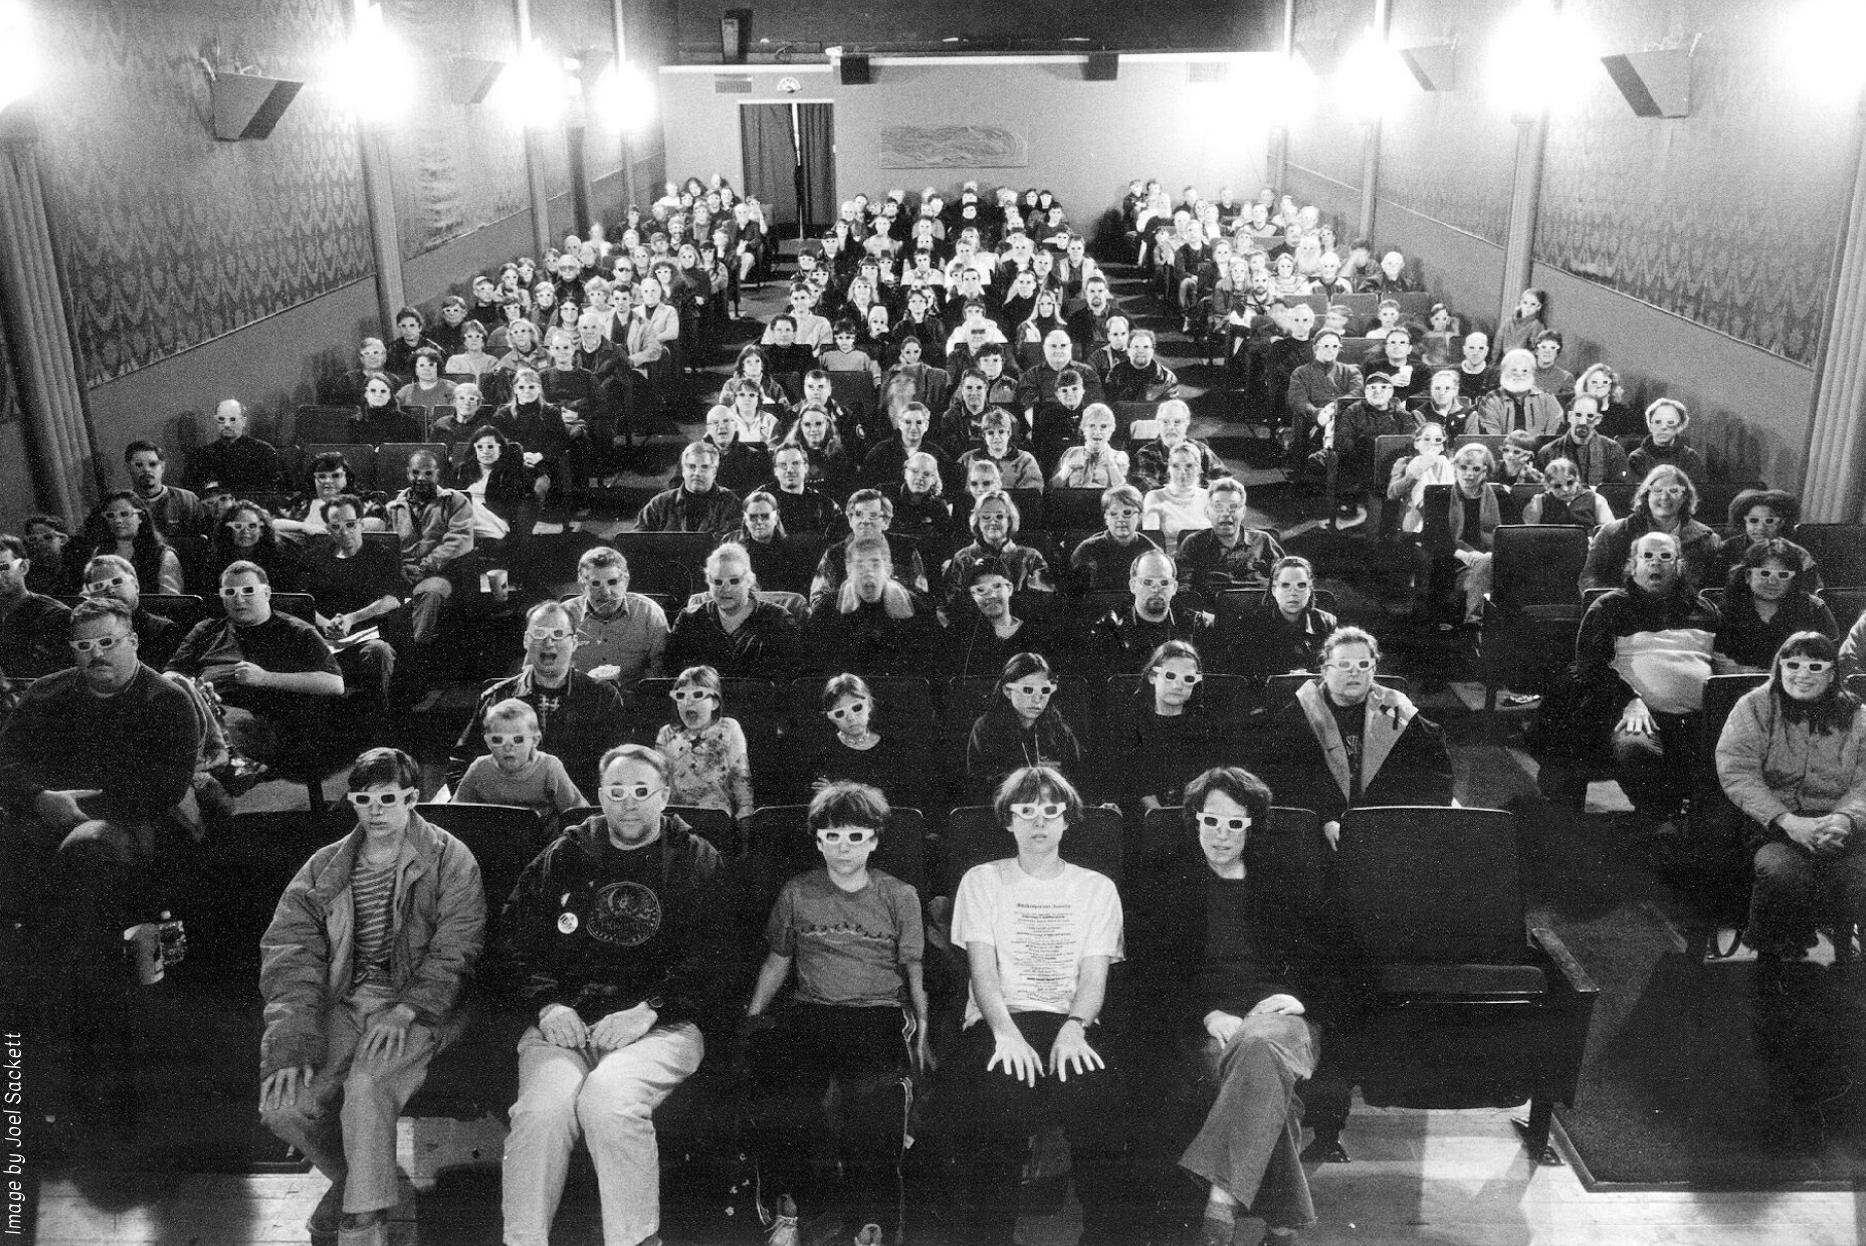 ABOUT - CELLULOID BAINBRIDGE FILM FESTIVAL